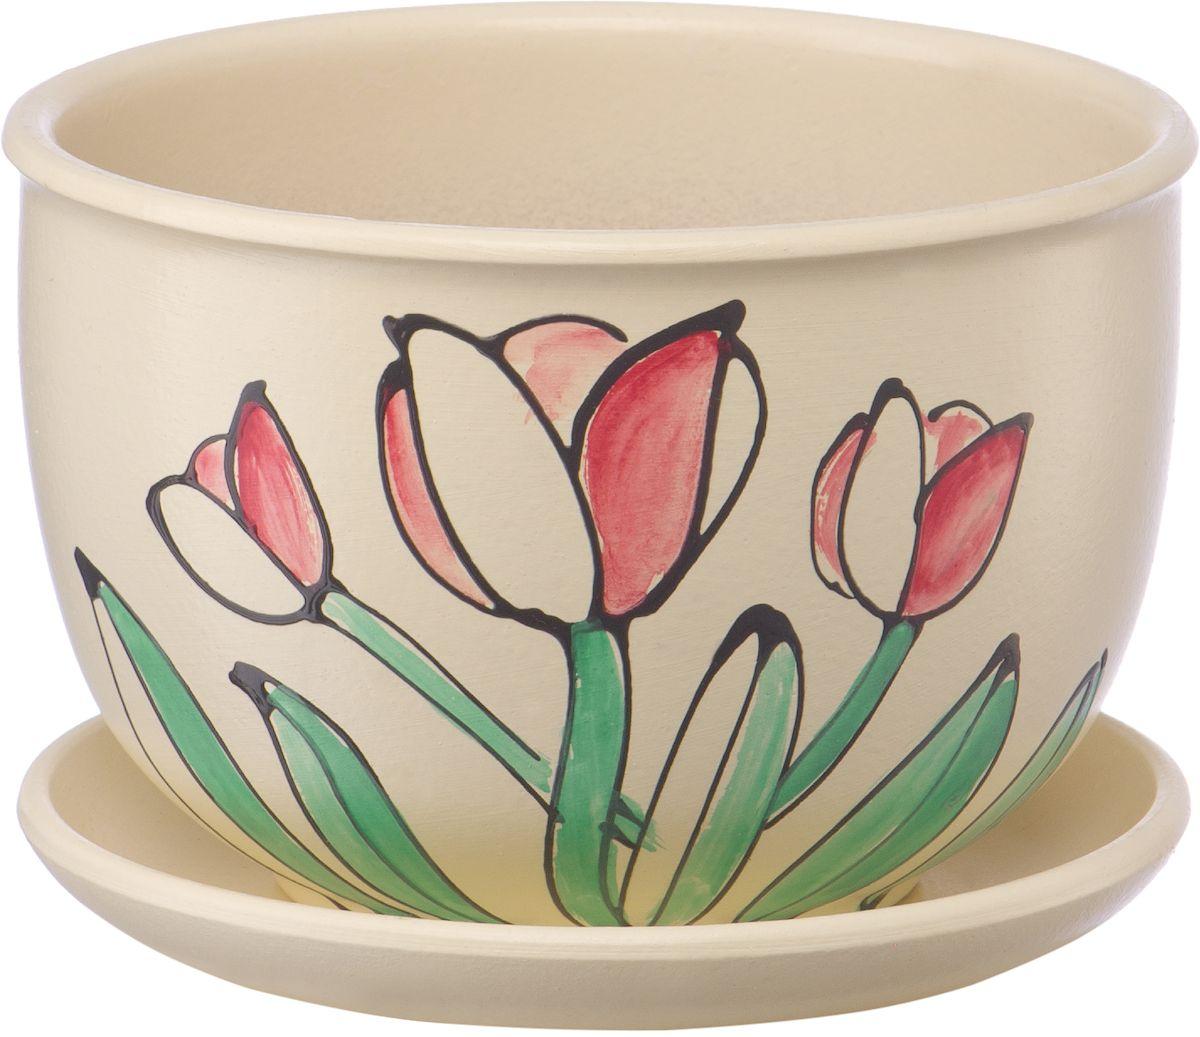 Горшок цветочный Engard, с поддоном, 0,5 л. BH-12-8BH-12-8Керамический горшок Engard - это идеальное решение для выращивания комнатных растений и создания изысканности в интерьере. Керамический горшок сделан из высококачественной глины в классической форме и оригинальном дизайне.